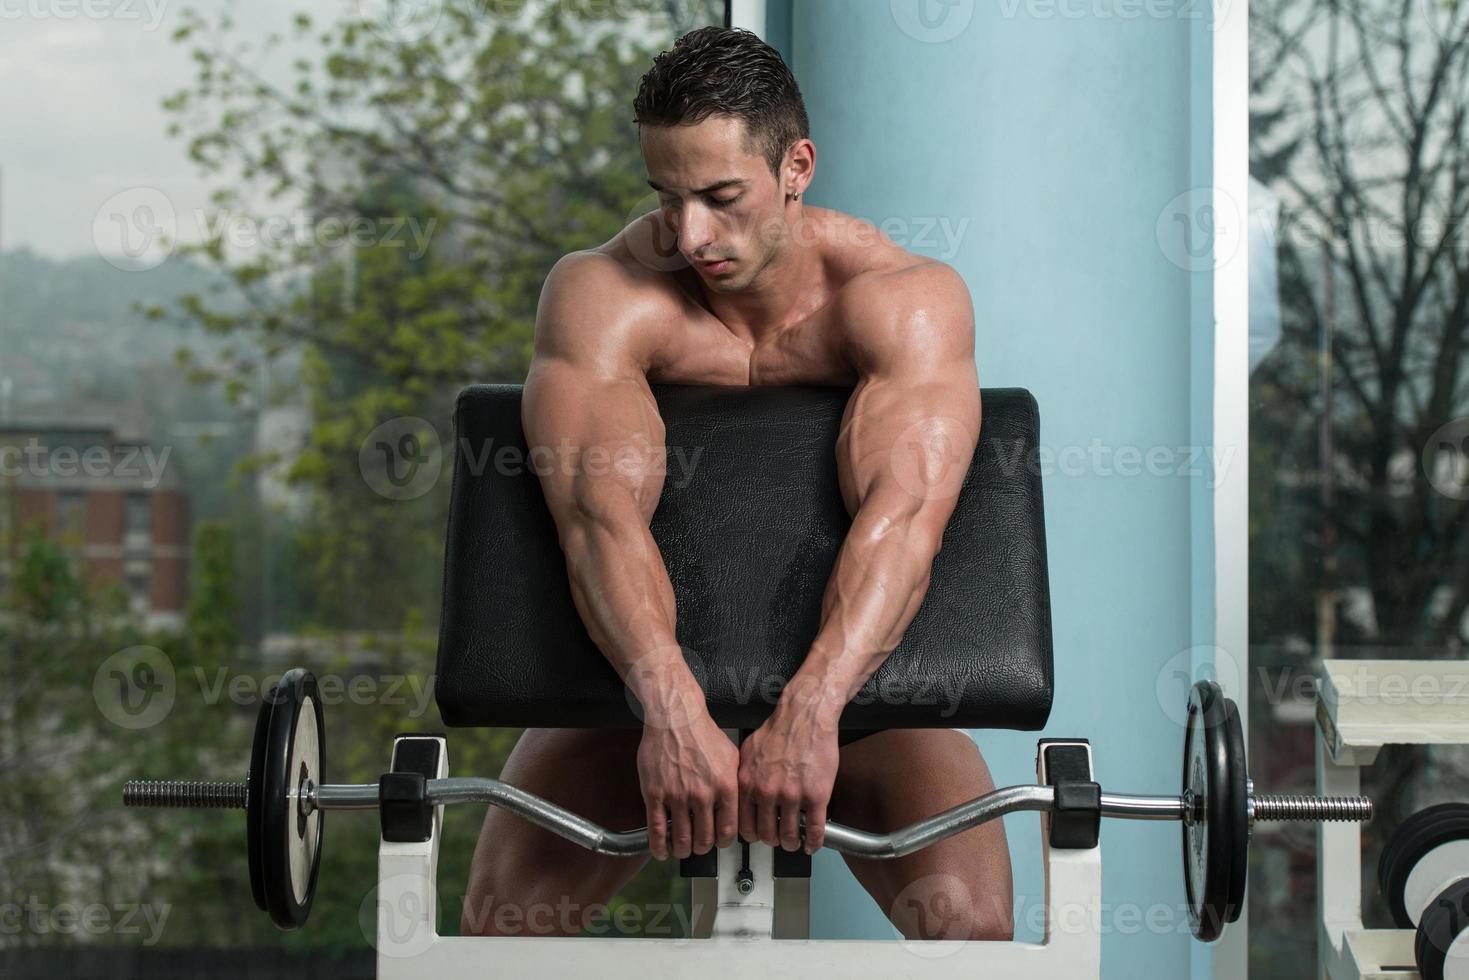 porträtt av en fysisk fit ung man foto